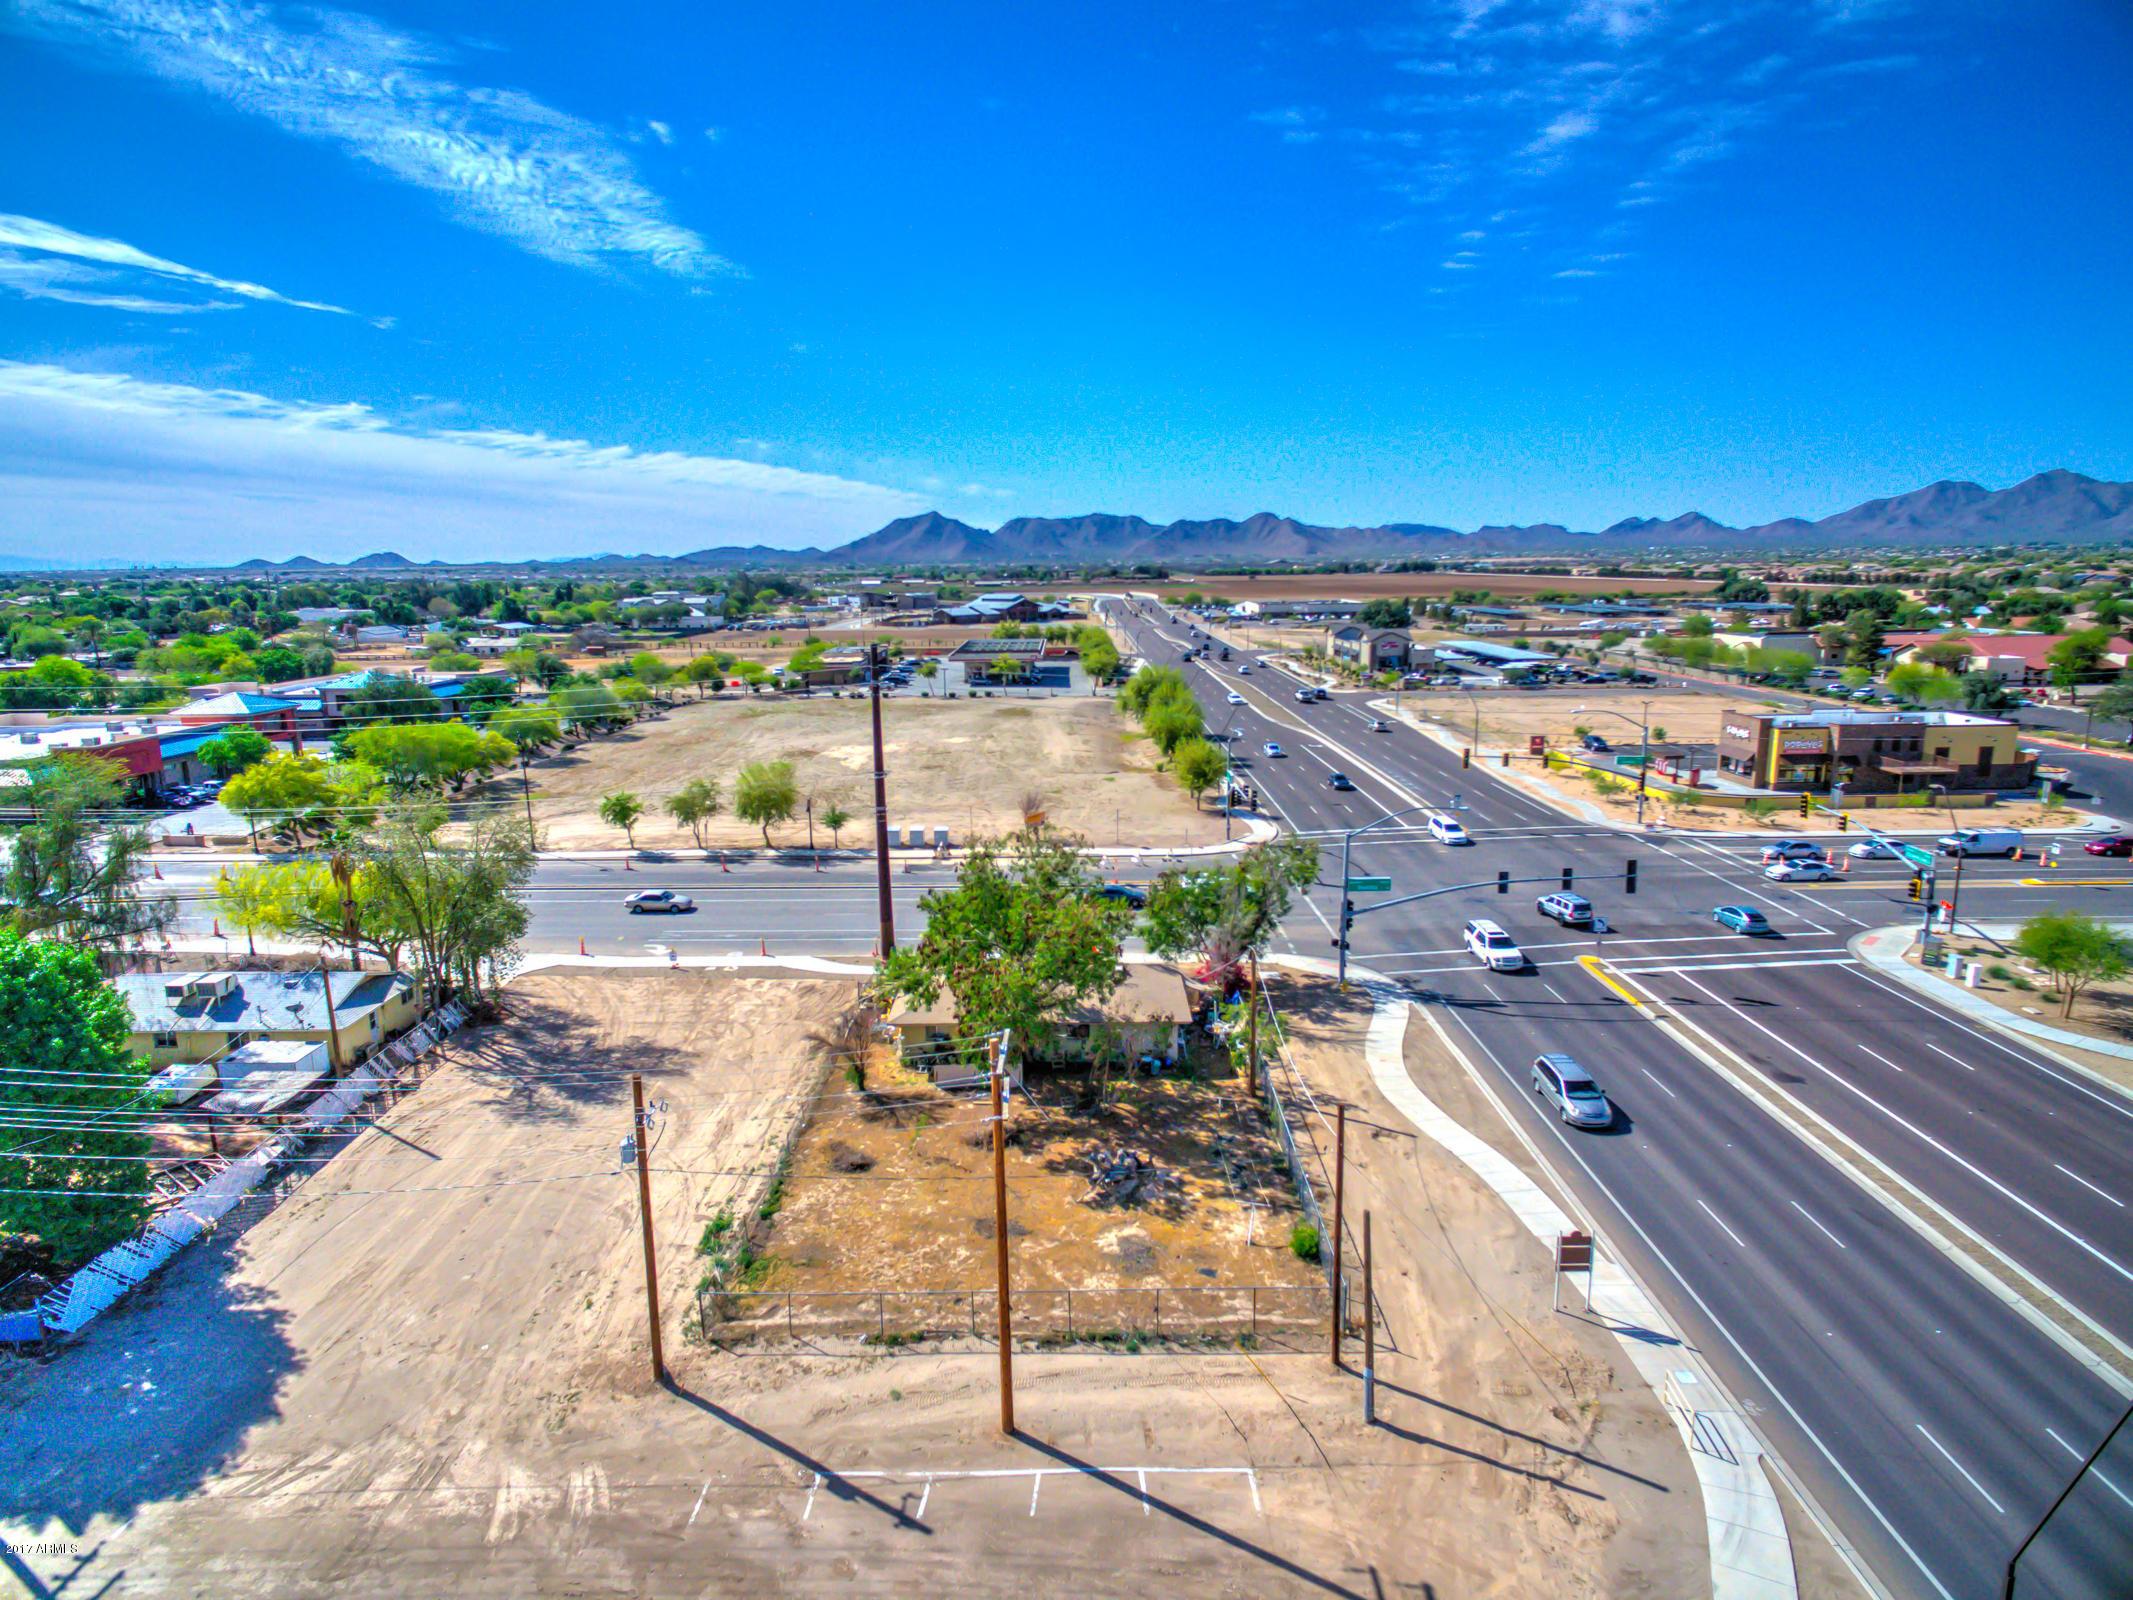 20636 E Ocotillo Road, Queen Creek AZ 85142 - Photo 2